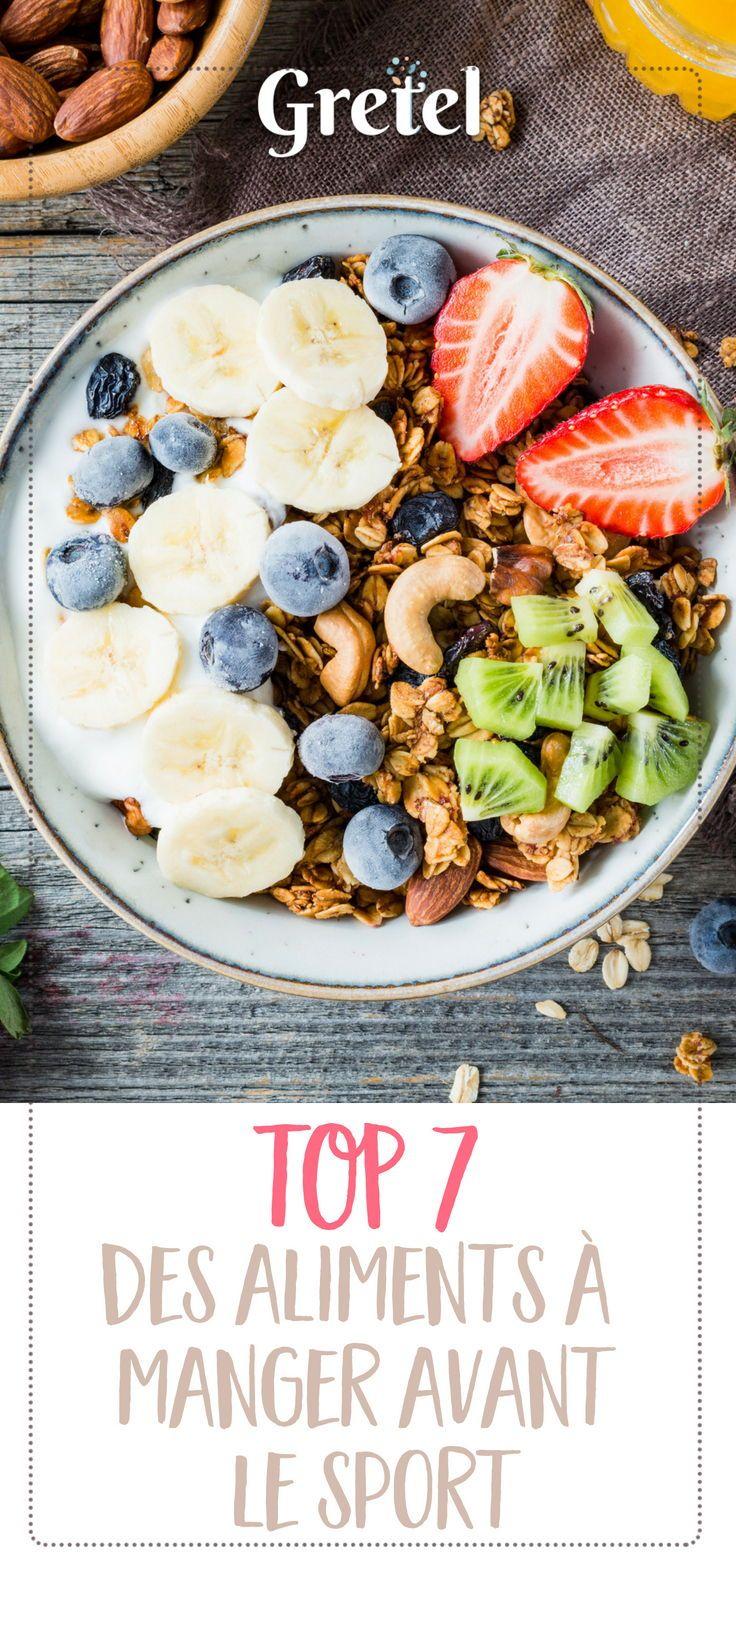 Découvrez les 7 aliments à favoriser avant le sport